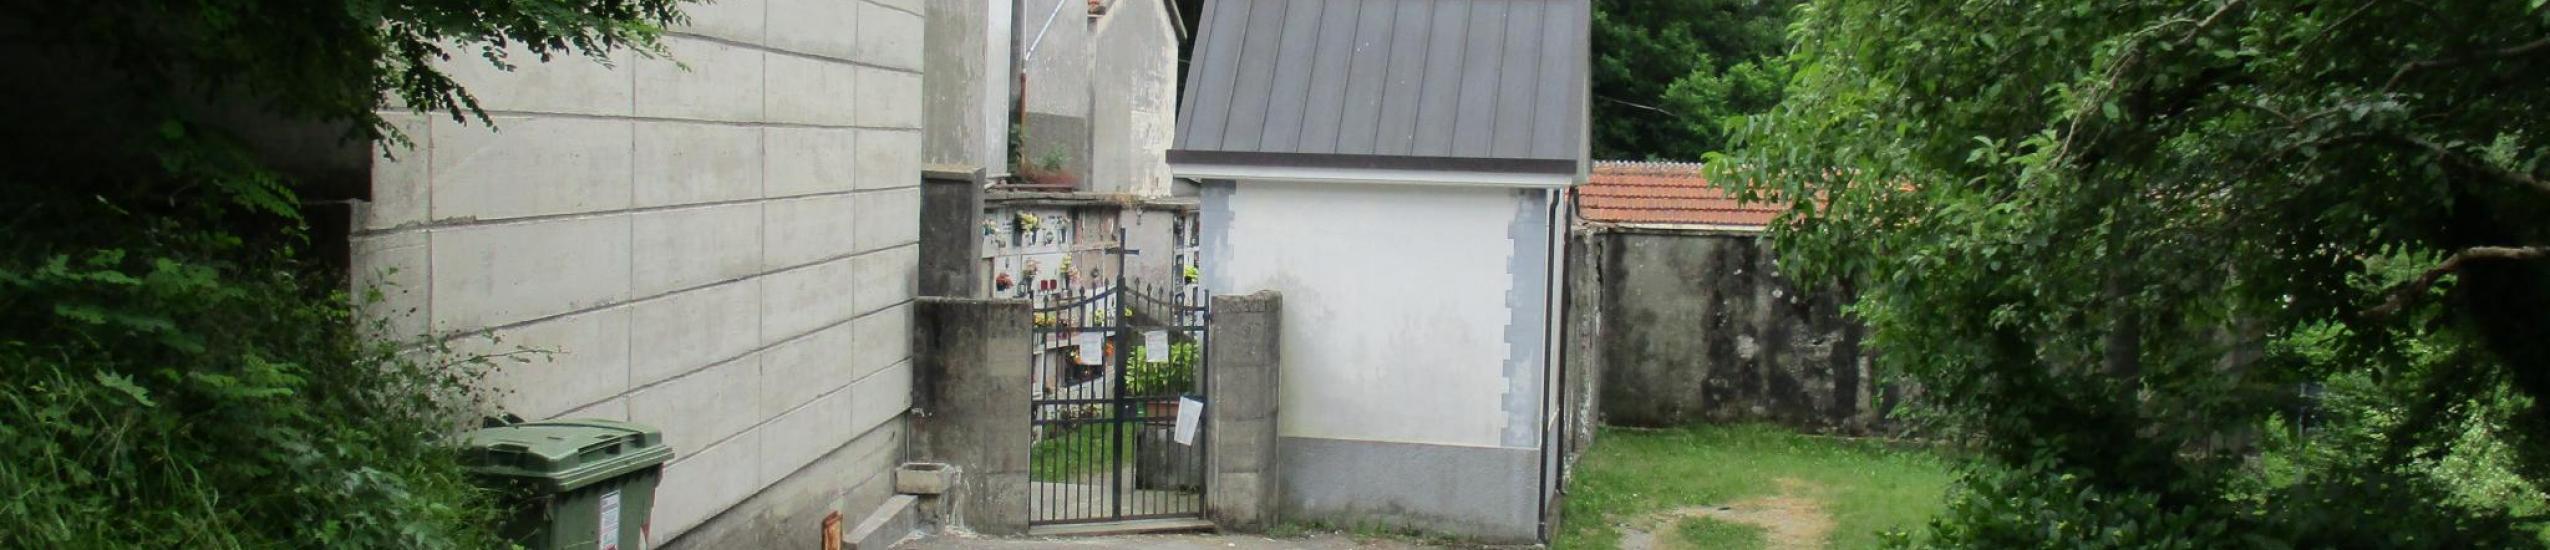 Cimitero Loc. Laccio Torriglia